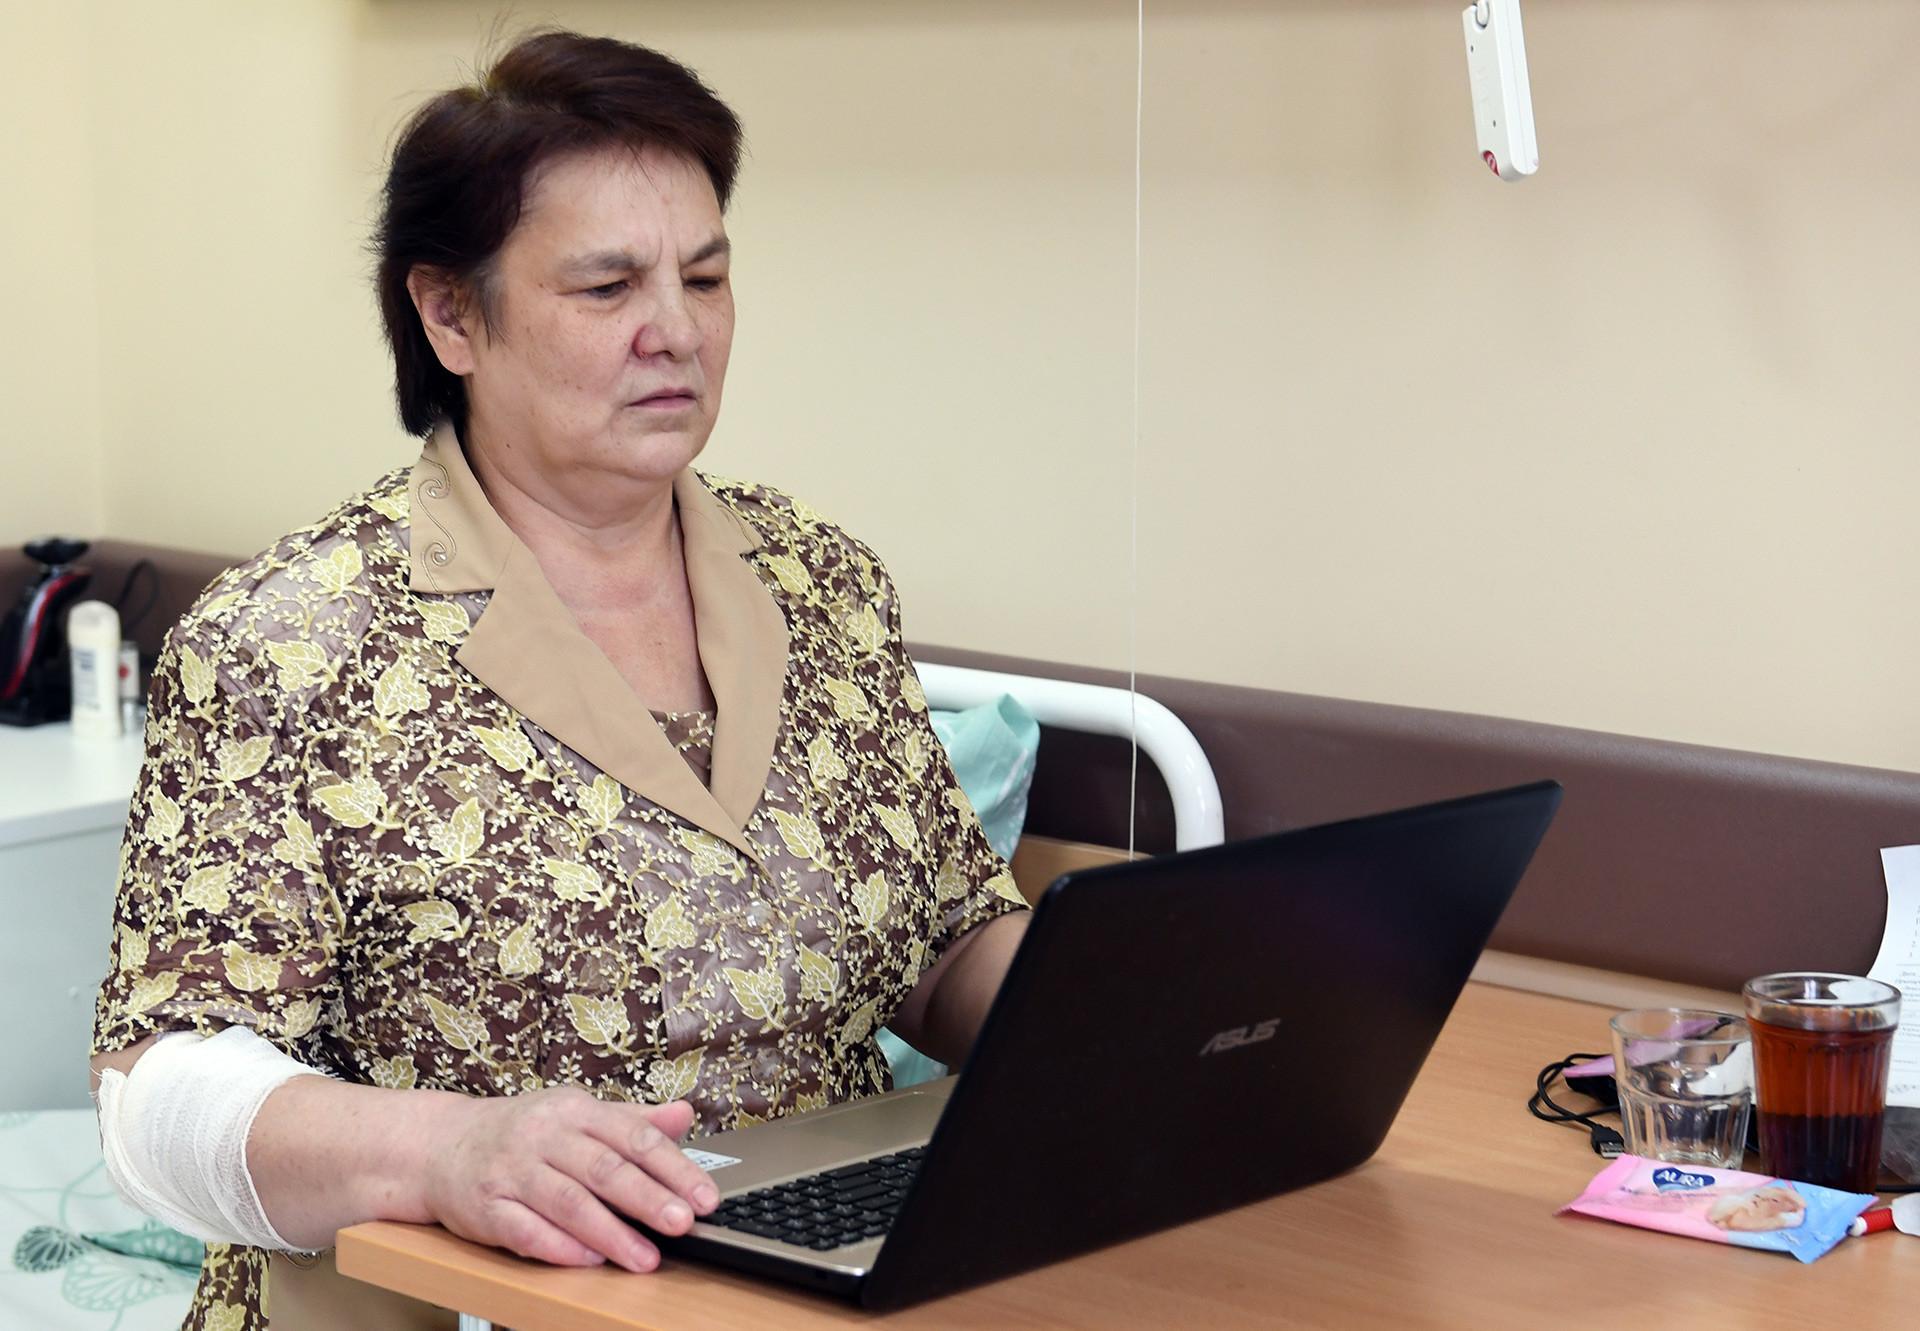 Paciente do Centro Clínico e de Pesquisas Russo de Otorrinolaringologia, Antonina Zakharchenko é fotografada após operação de implante na retina.